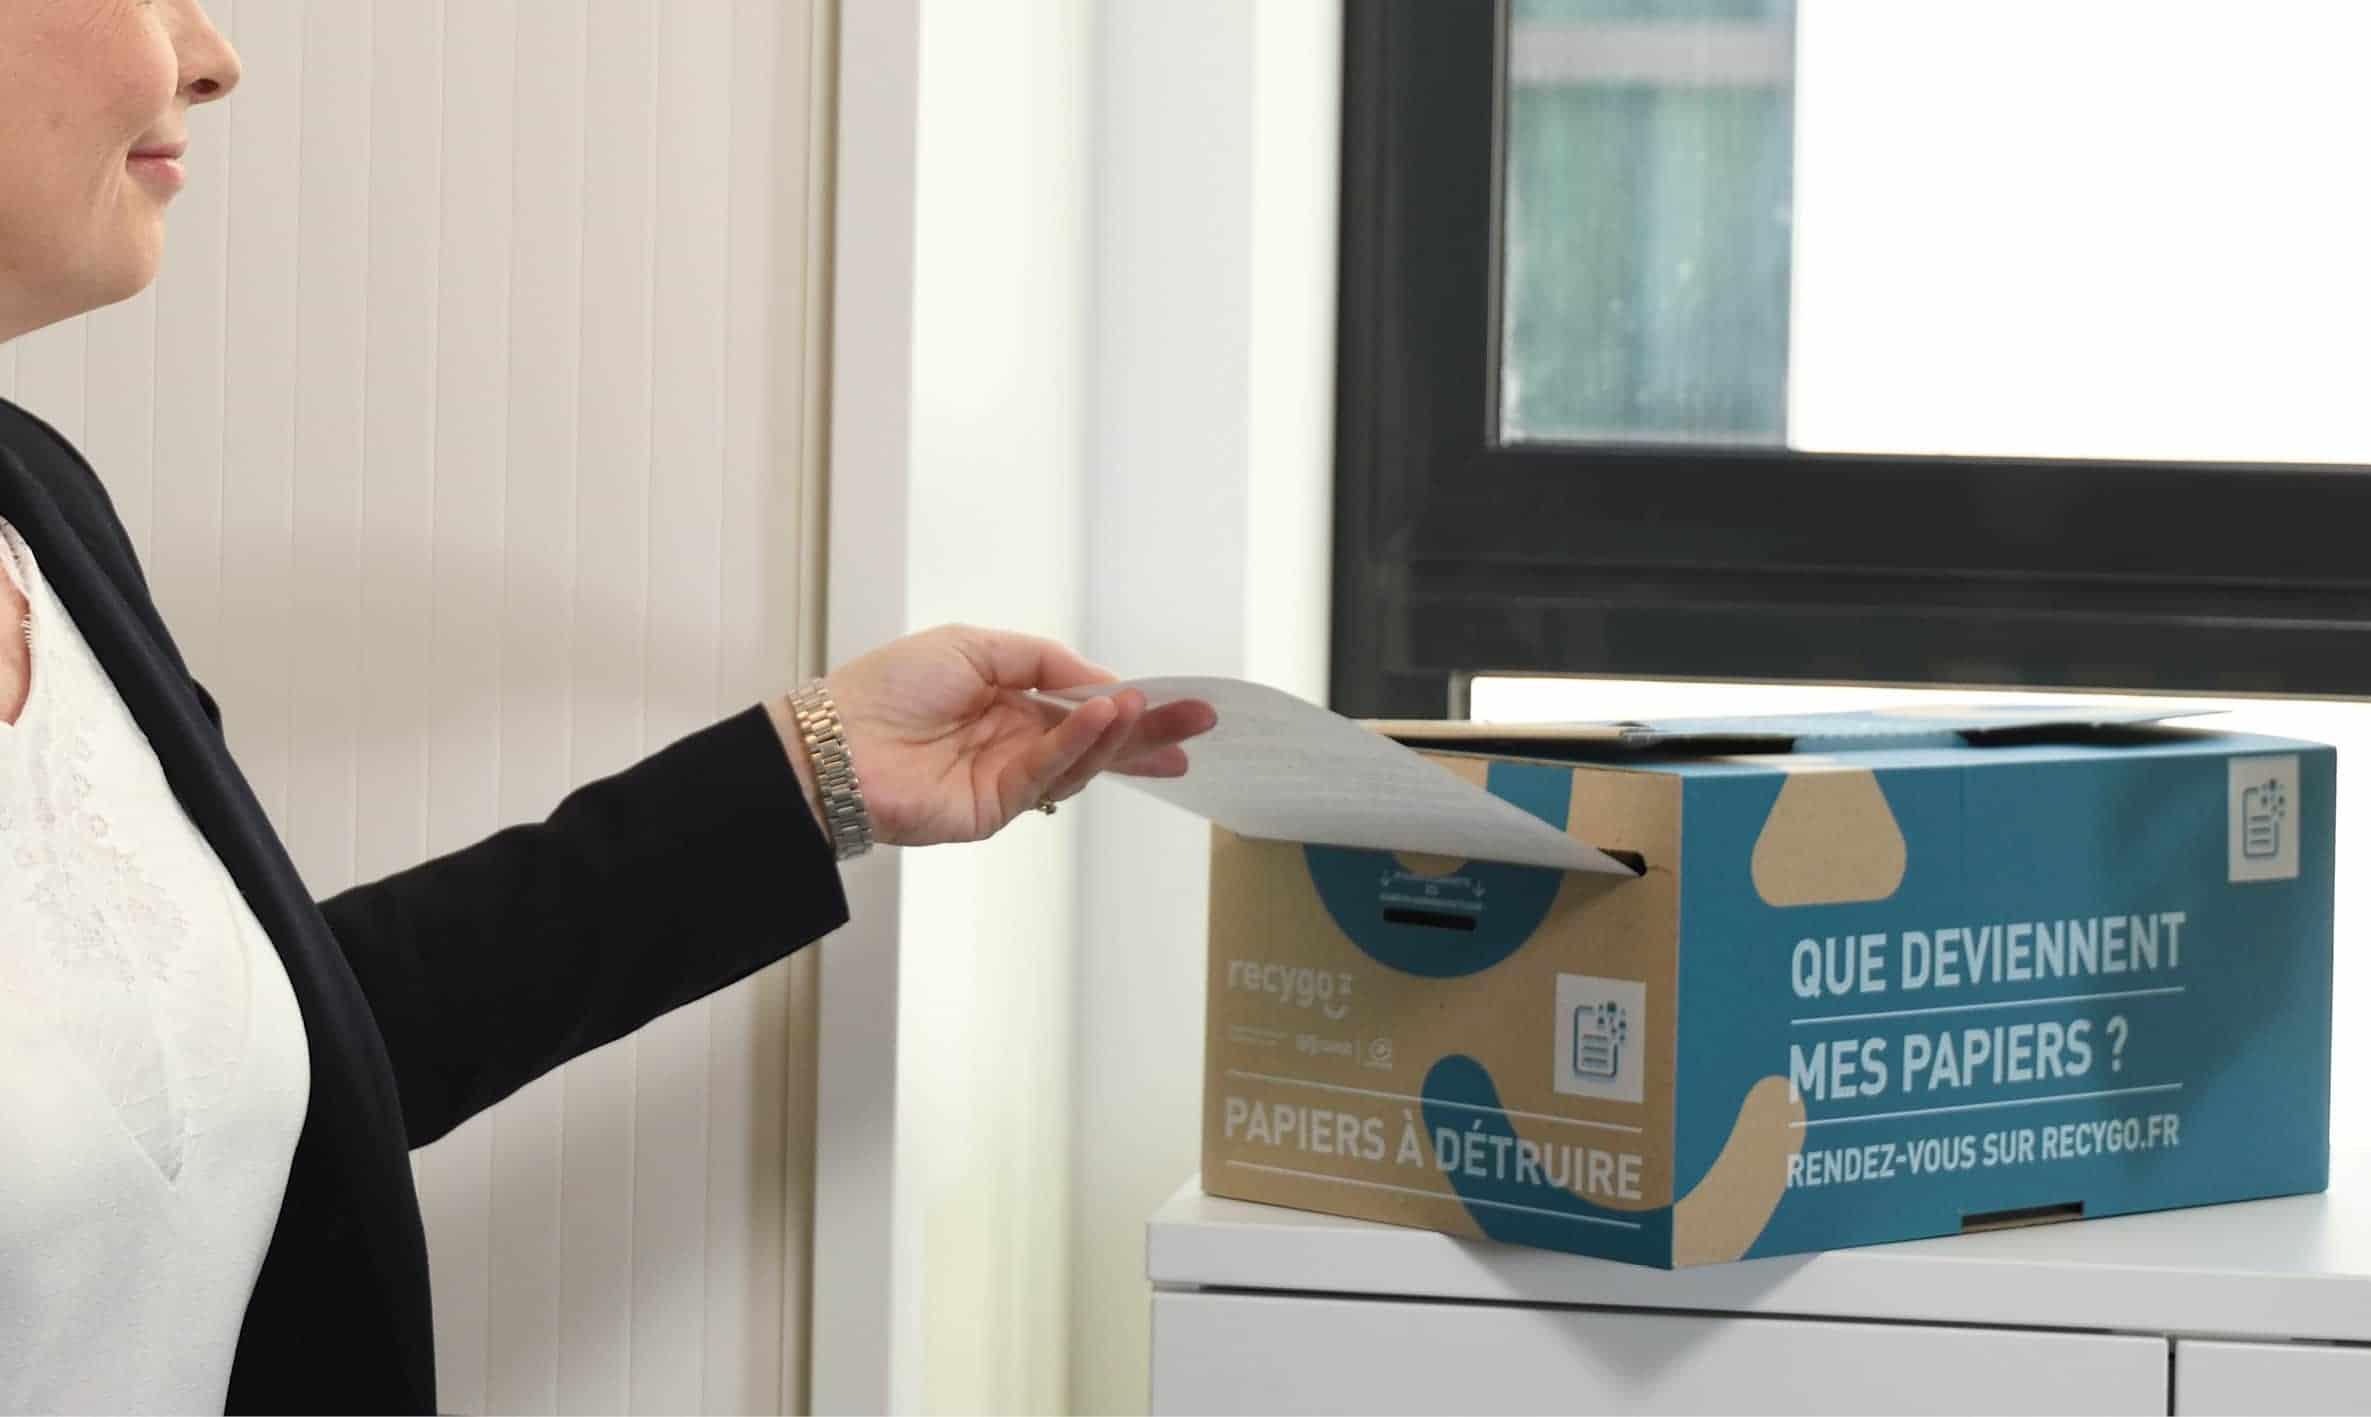 Trier, sécuriser, recycler ses papiers confidentiels